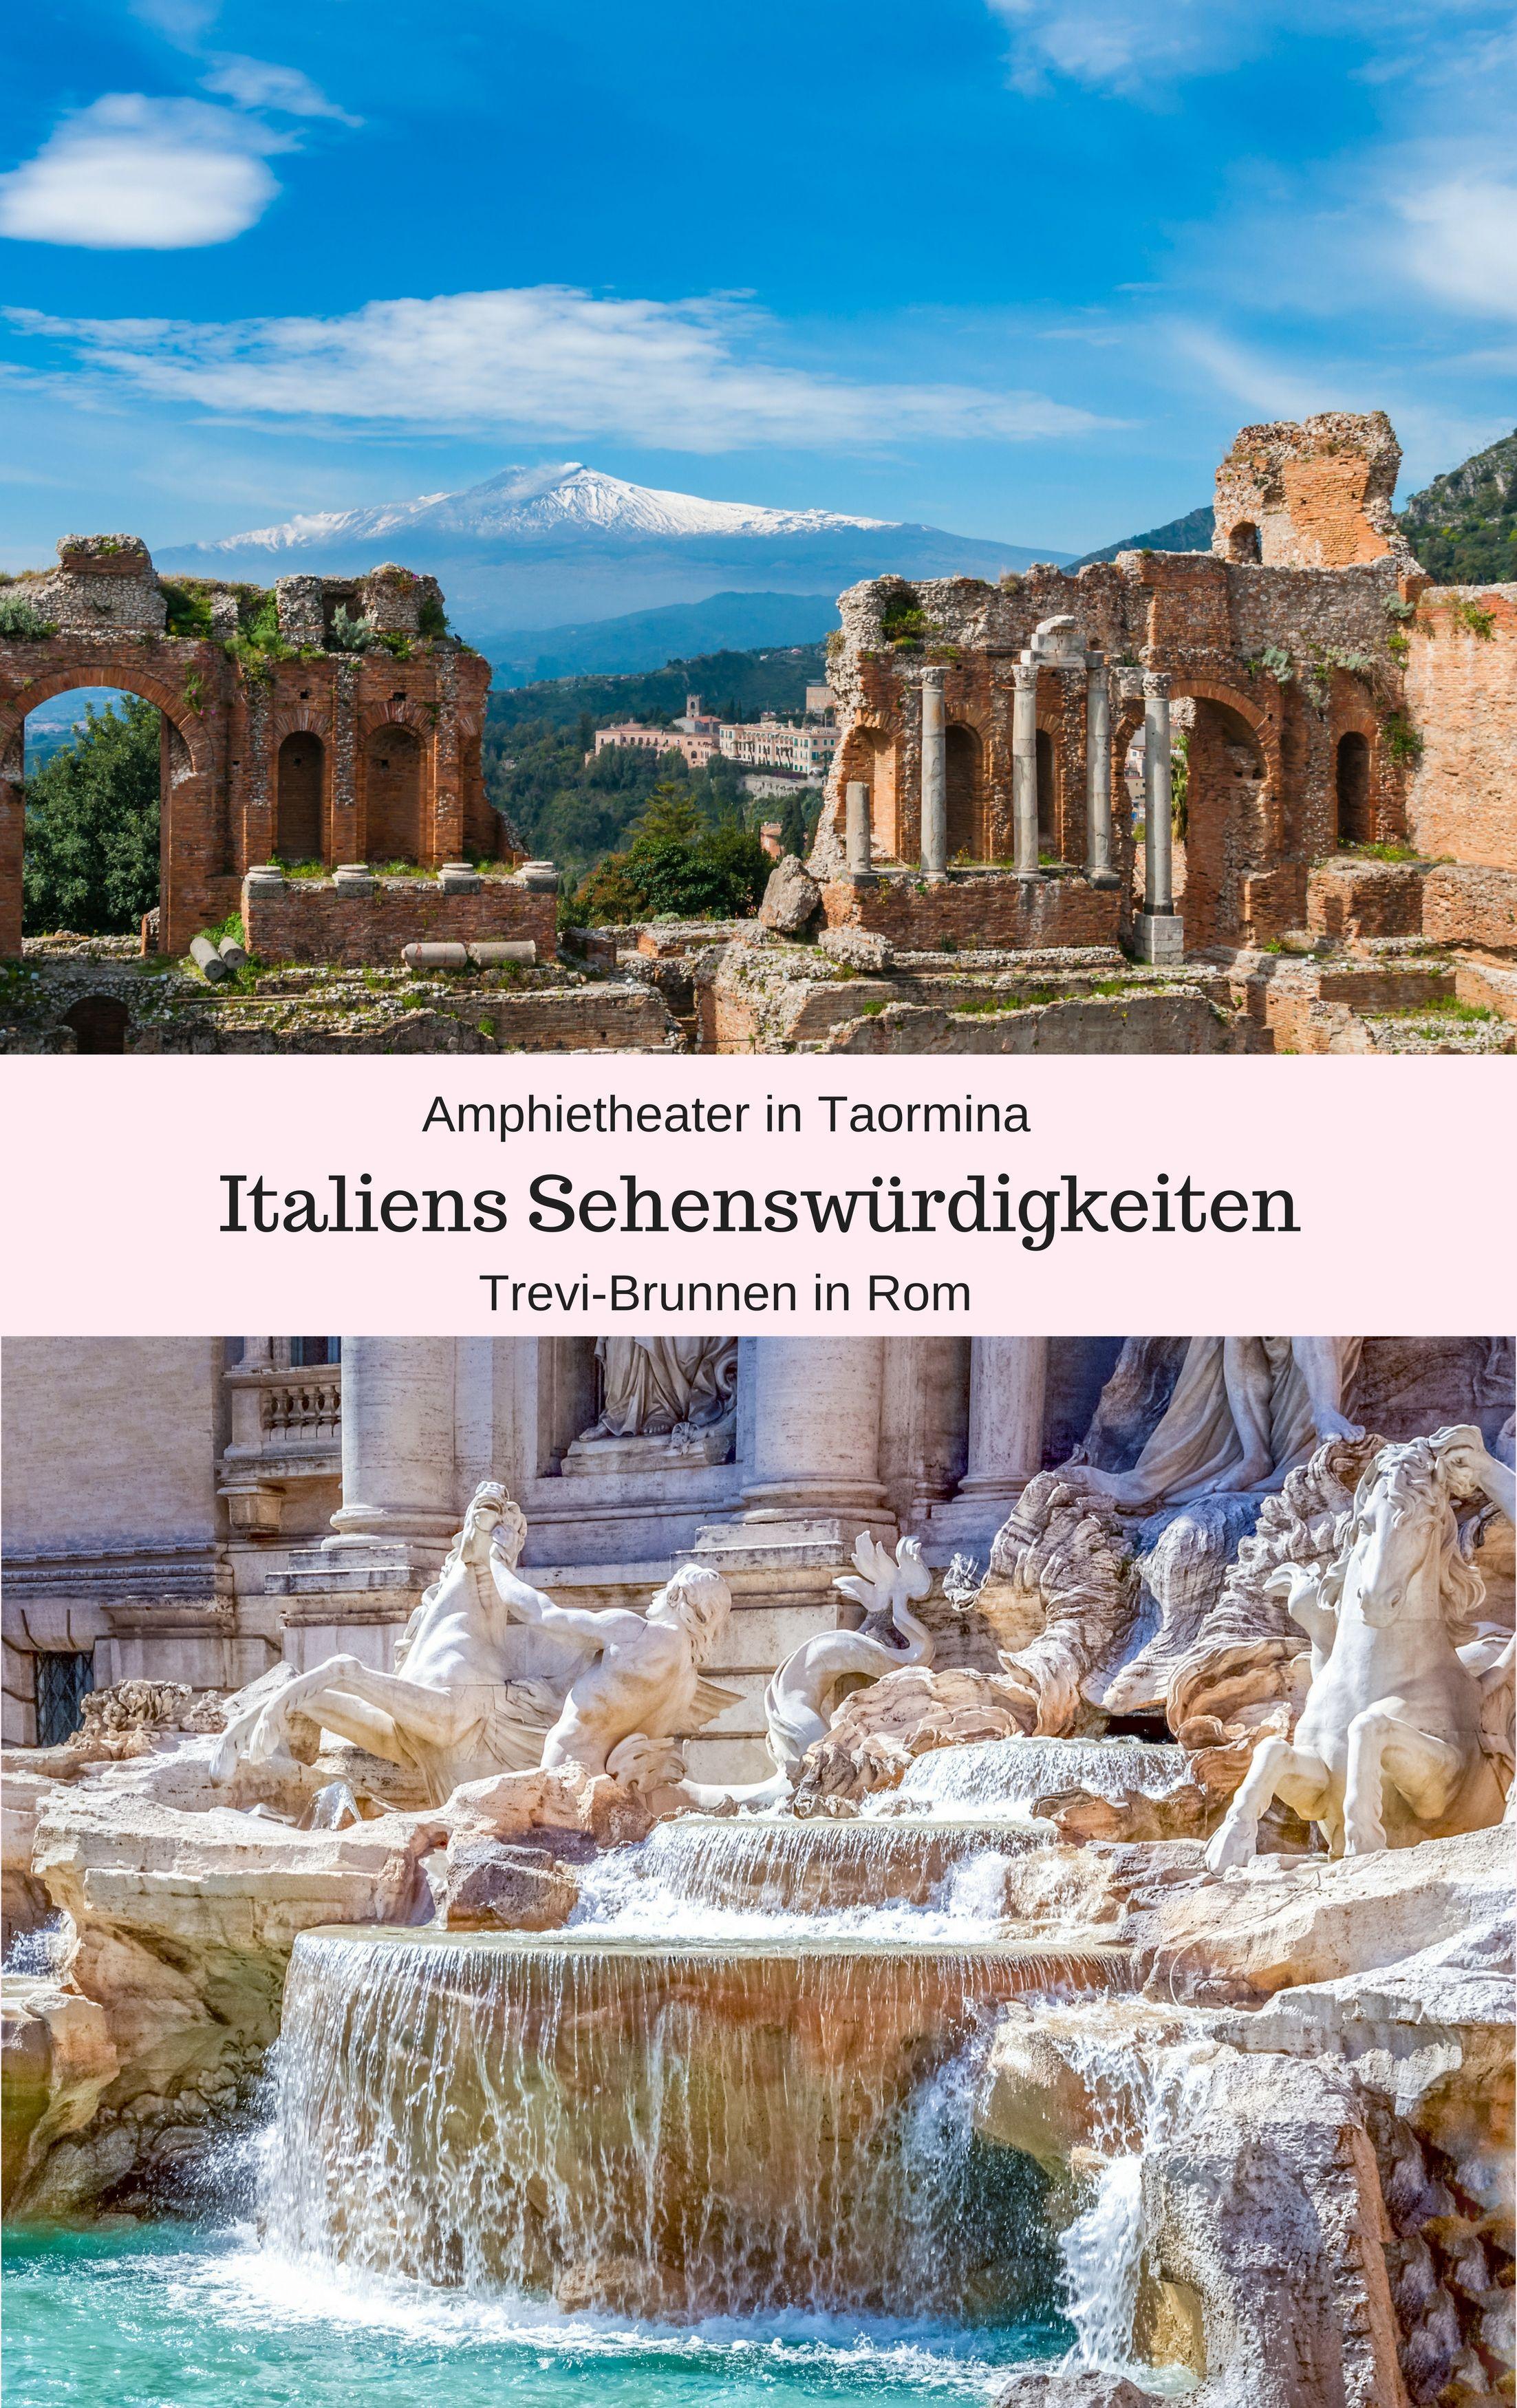 Zwei Italienische Sehenswurdigkeiten Der Trevi Brunnen In Rom Und Das Italienisch Romische Amphietheater In Taormina Italien Sonnenkl Reisen Italien Urlaub